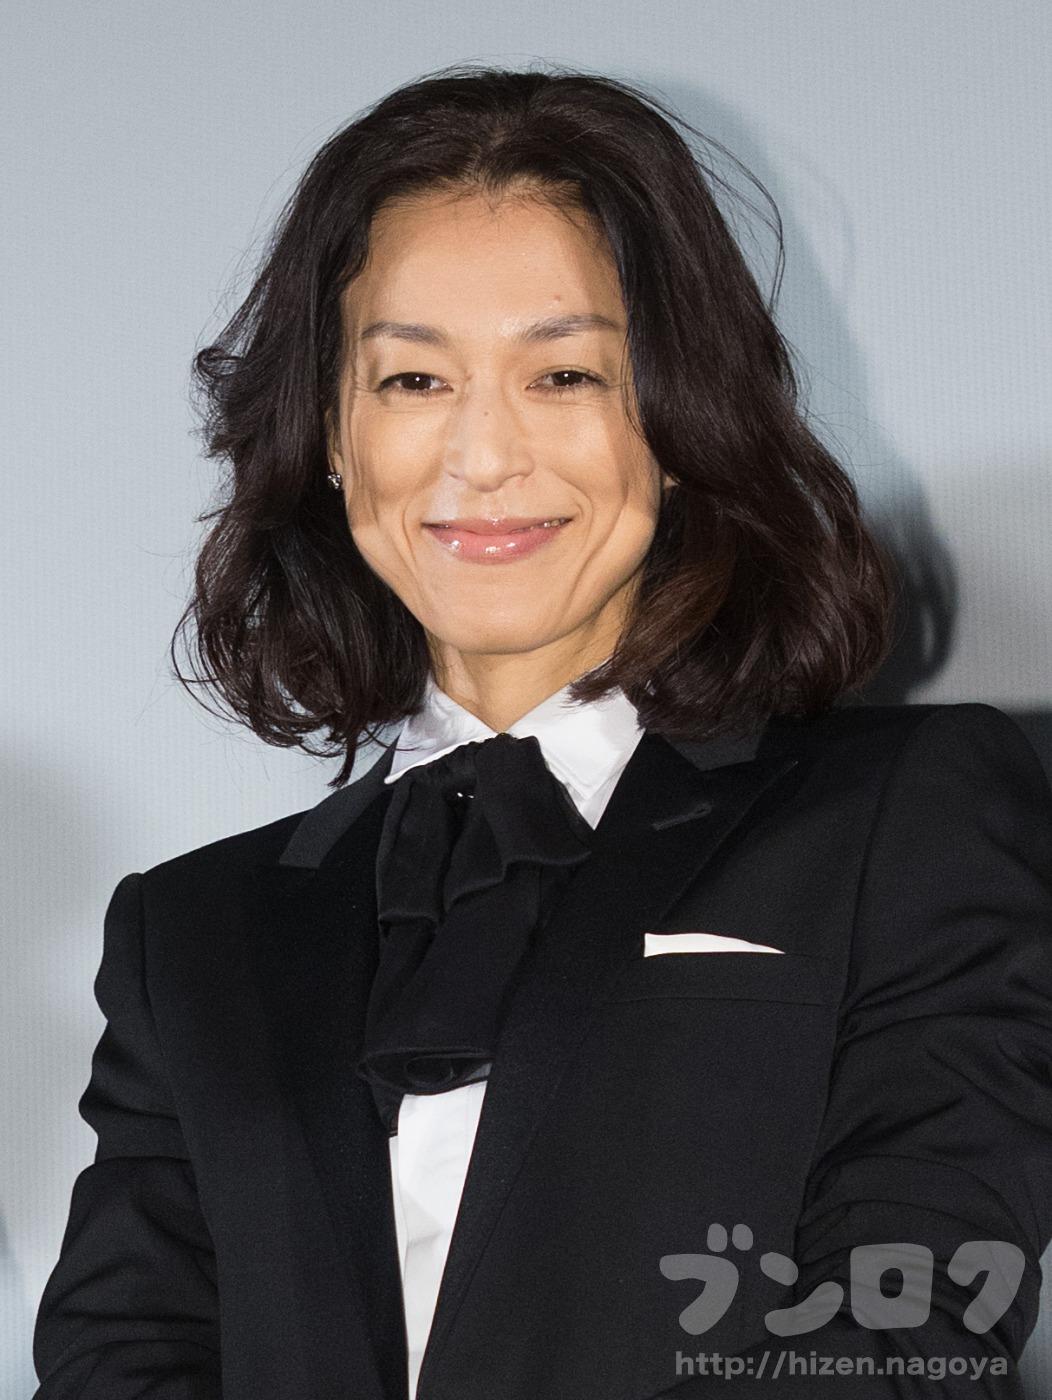 ふわふわ髪の鈴木保奈美